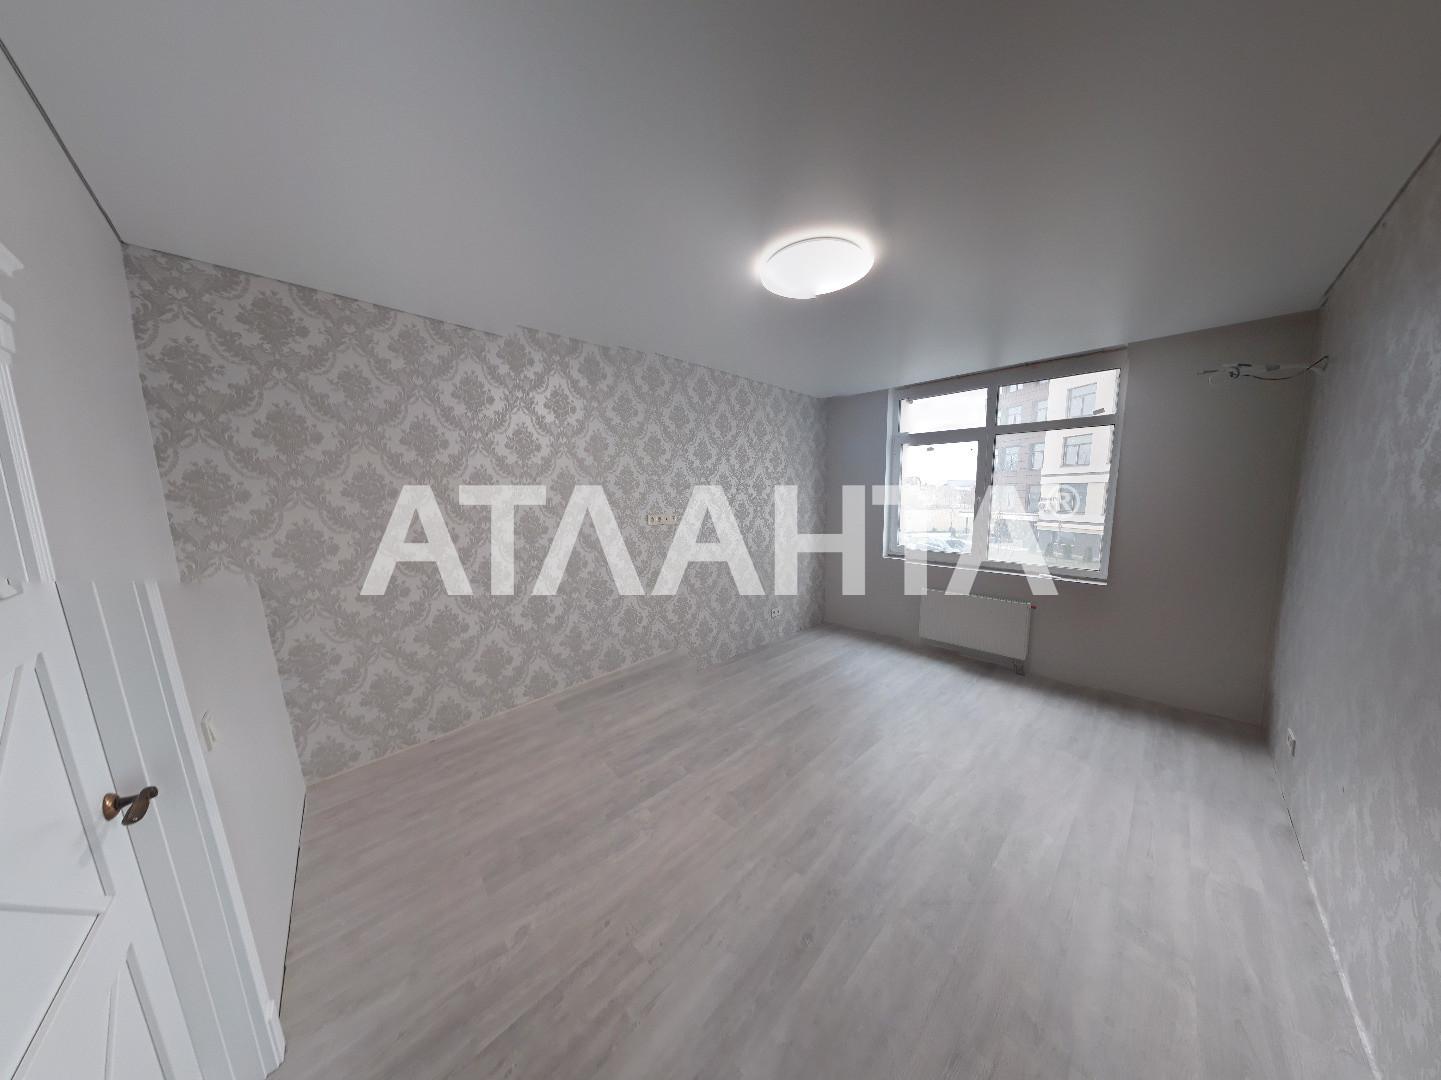 Продается 2-комнатная Квартира на ул. Юнацька — 89 000 у.е. (фото №10)